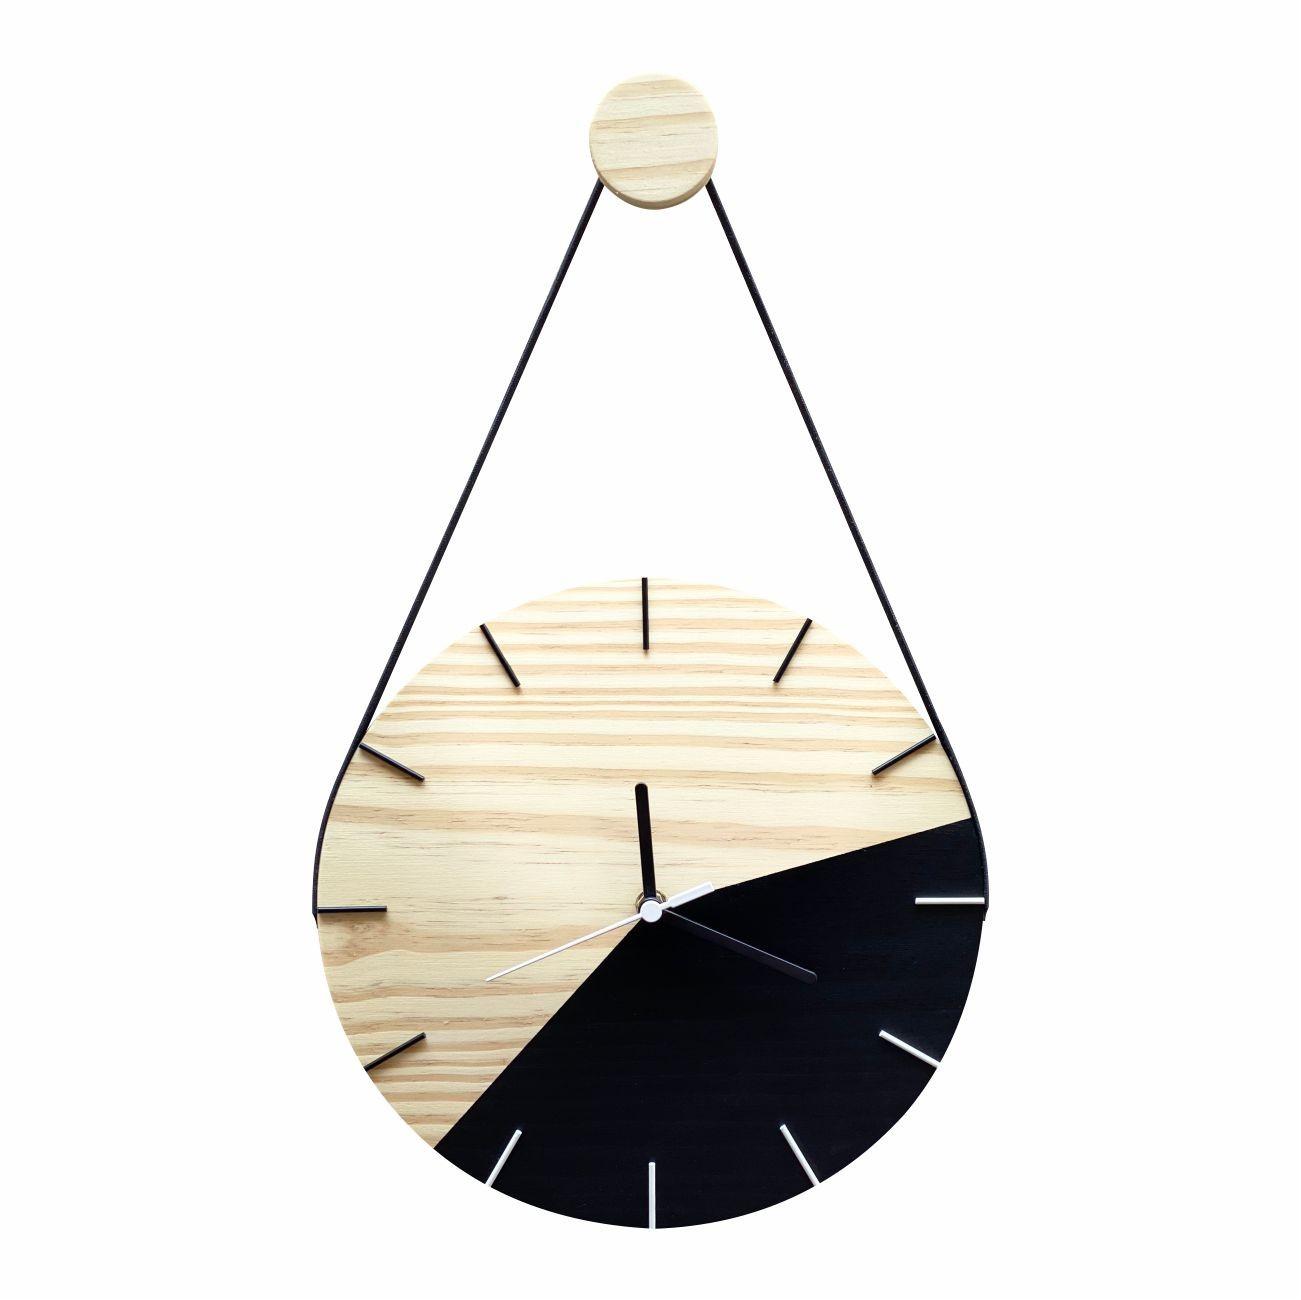 Relógio de Parede Minimalista Preto e Ponteiros Branco com Alça 28cm + Pendurador